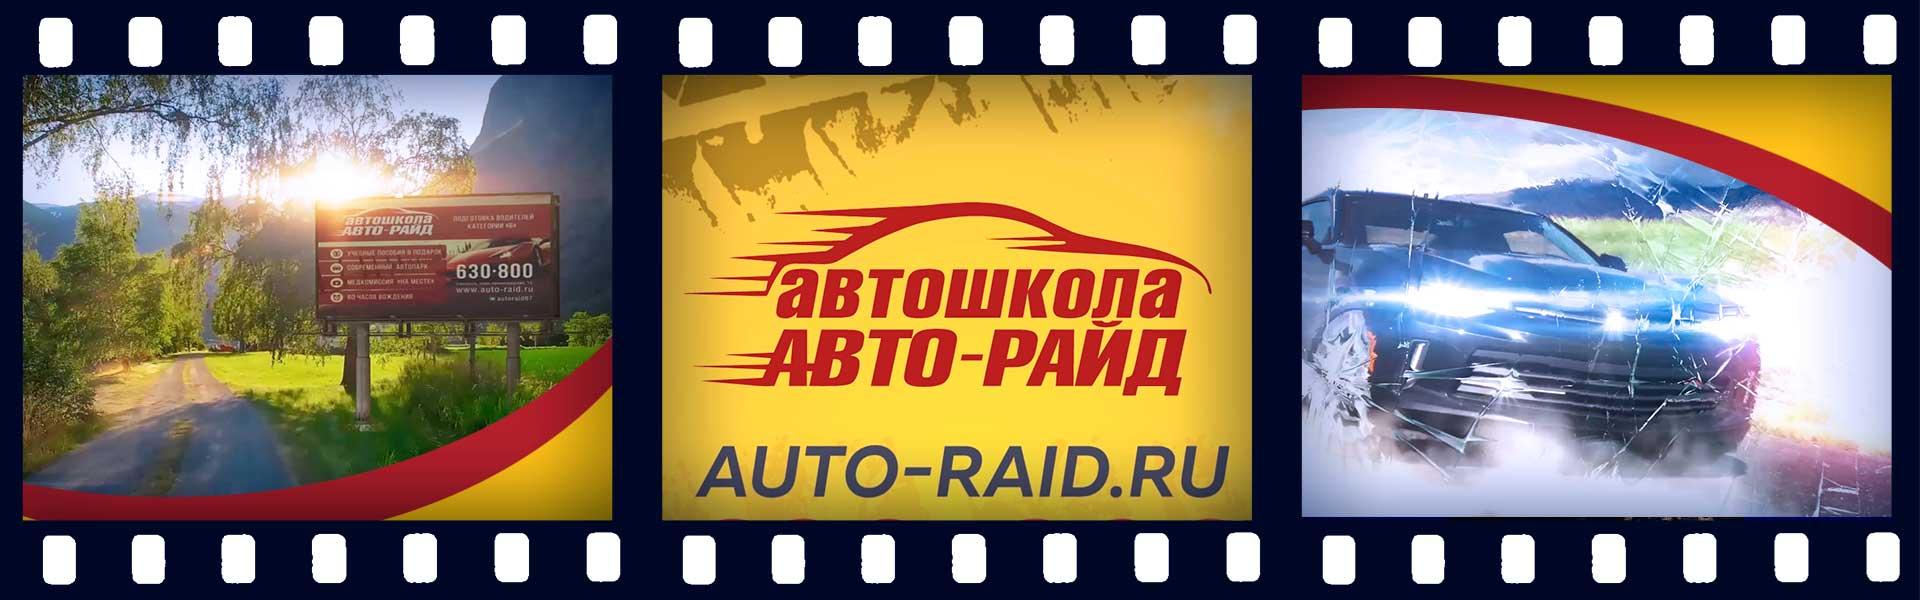 Рекламный видеоролик автошколы «Авто-Райд»